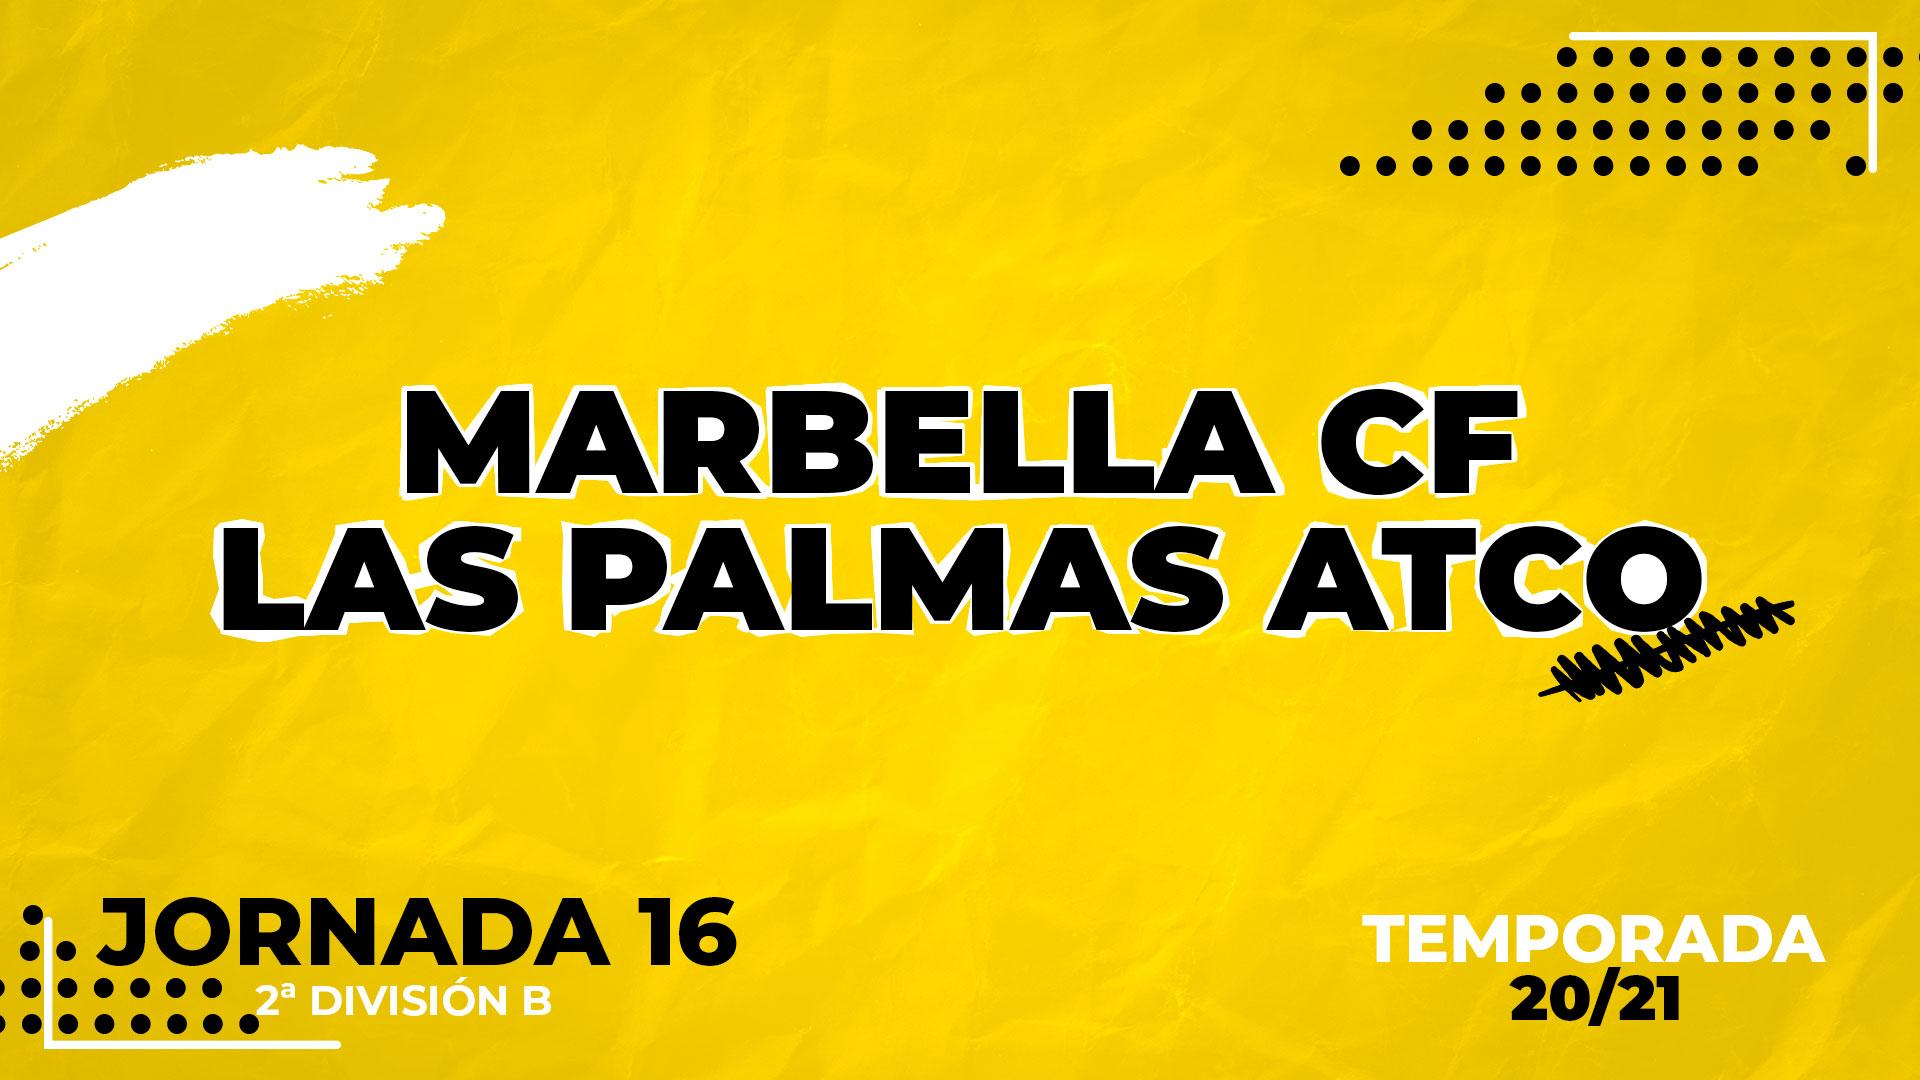 Marbella vs Las Palmas Atlético